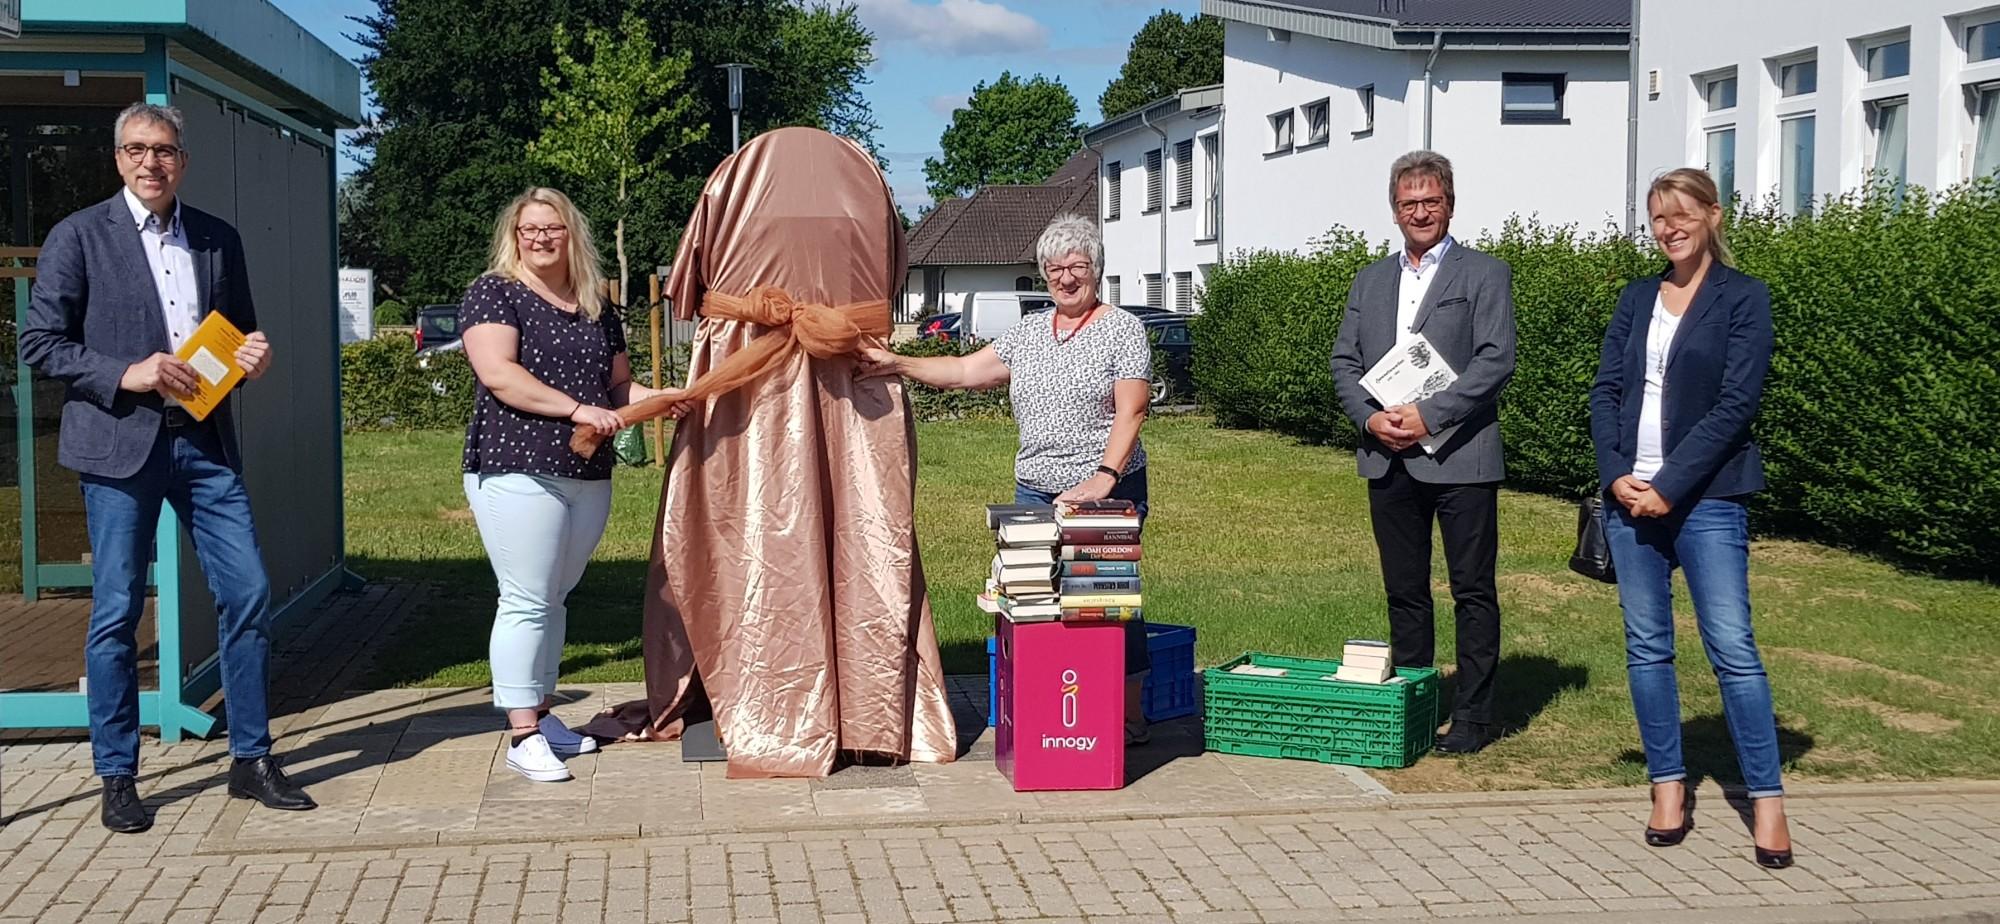 Bücherschrank in Hasselsweiler lädt zum Lesen und Tauschen ein